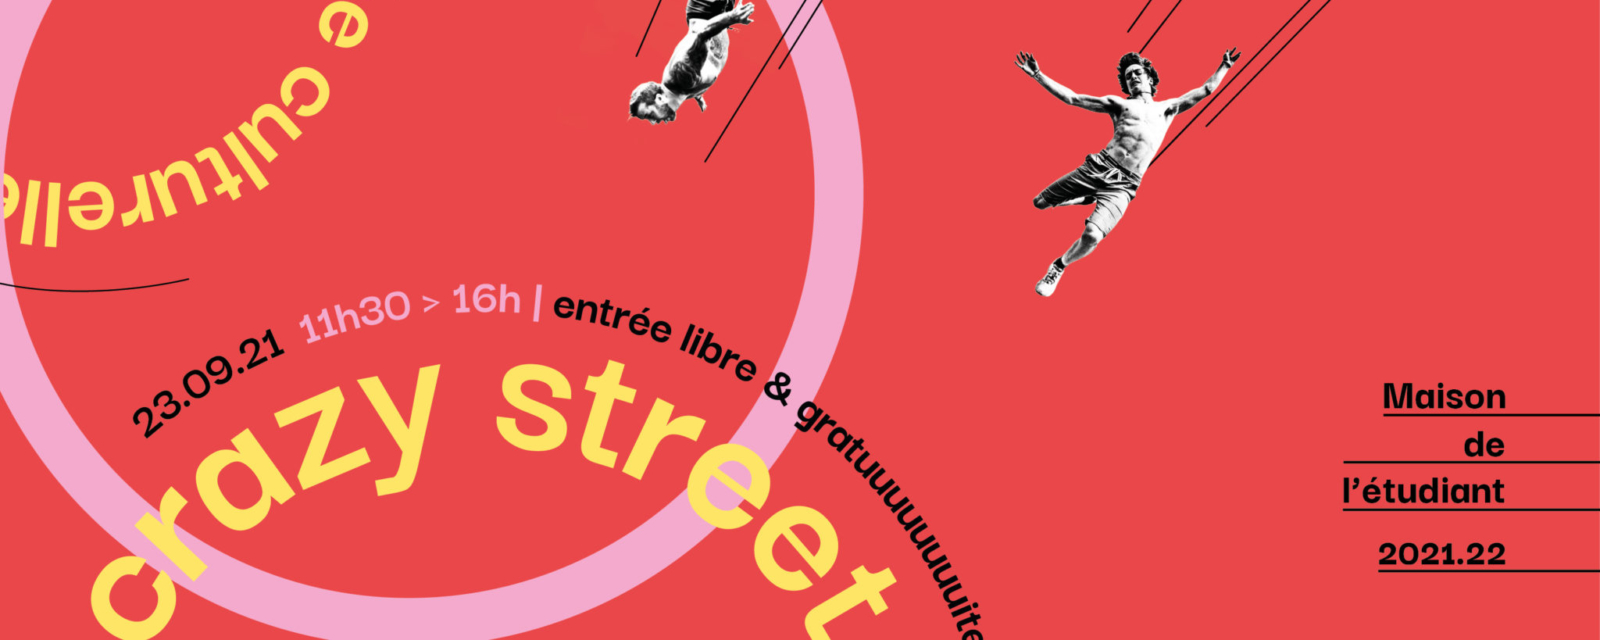 Crazy Street 2021, la rentrée culturelle et artistique !